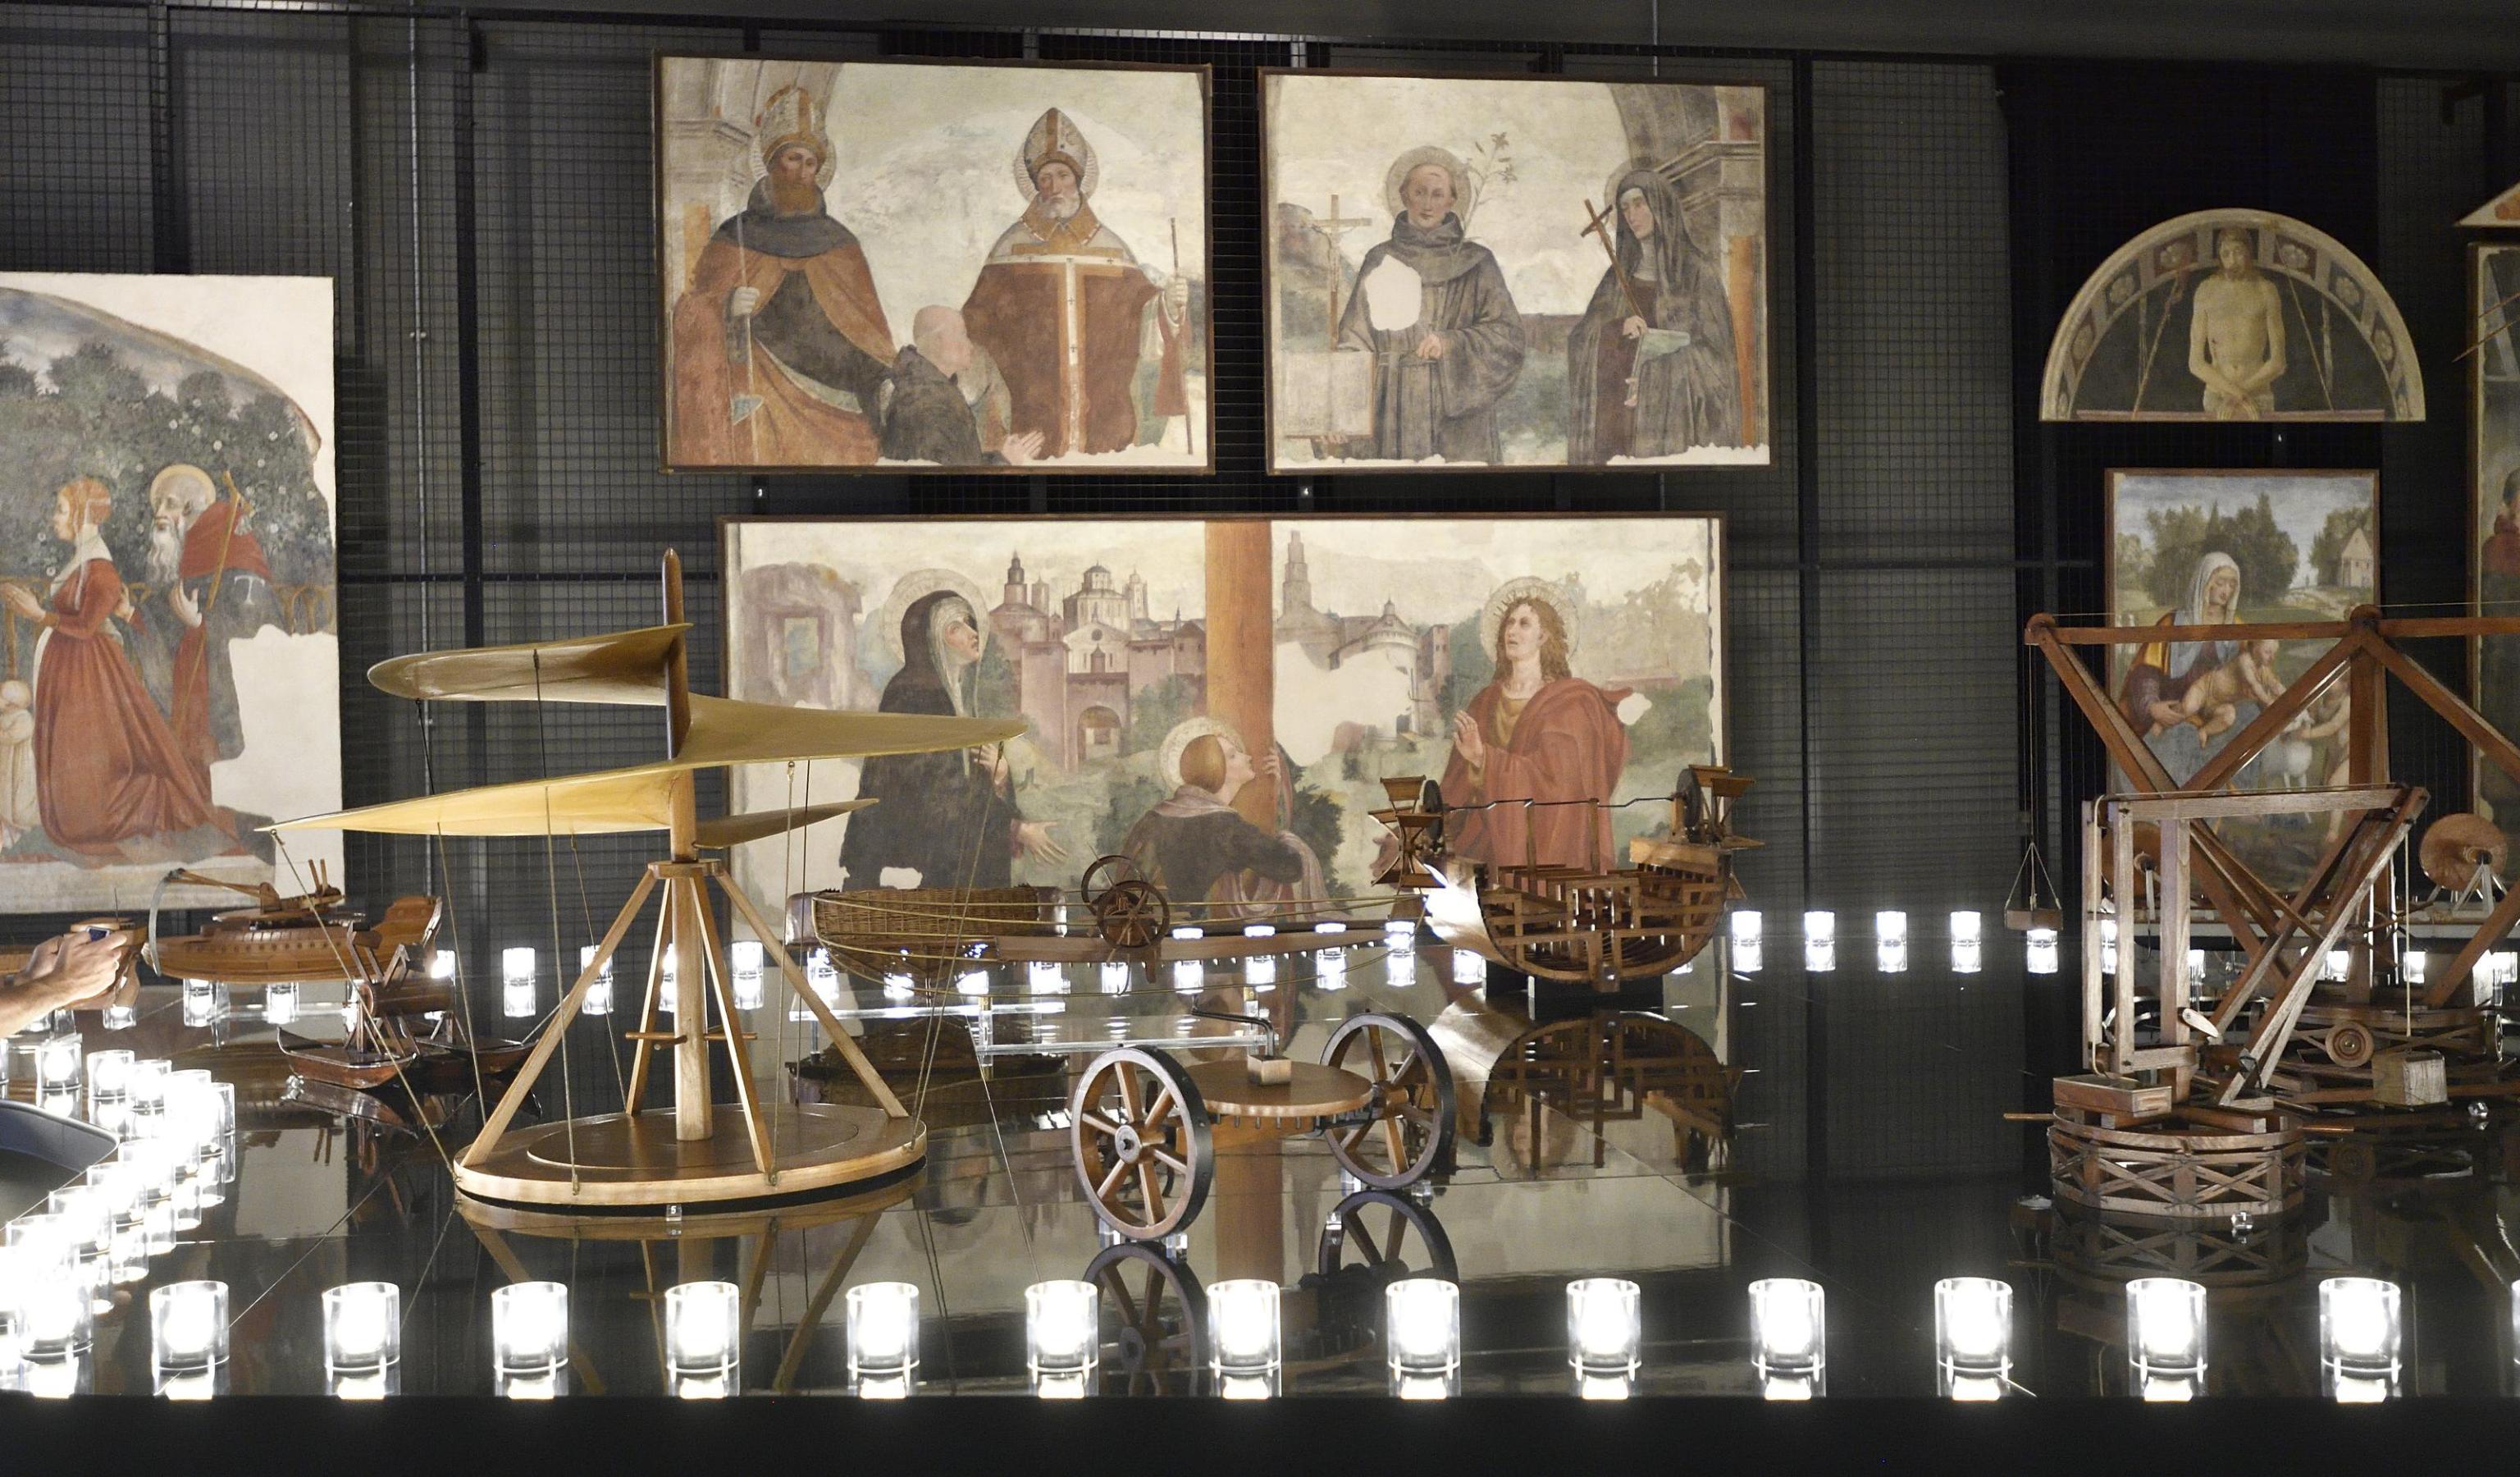 Mostra Leonardo da Vinci Milano 2018: al Museo della Scienza modelli storici ed affreschi